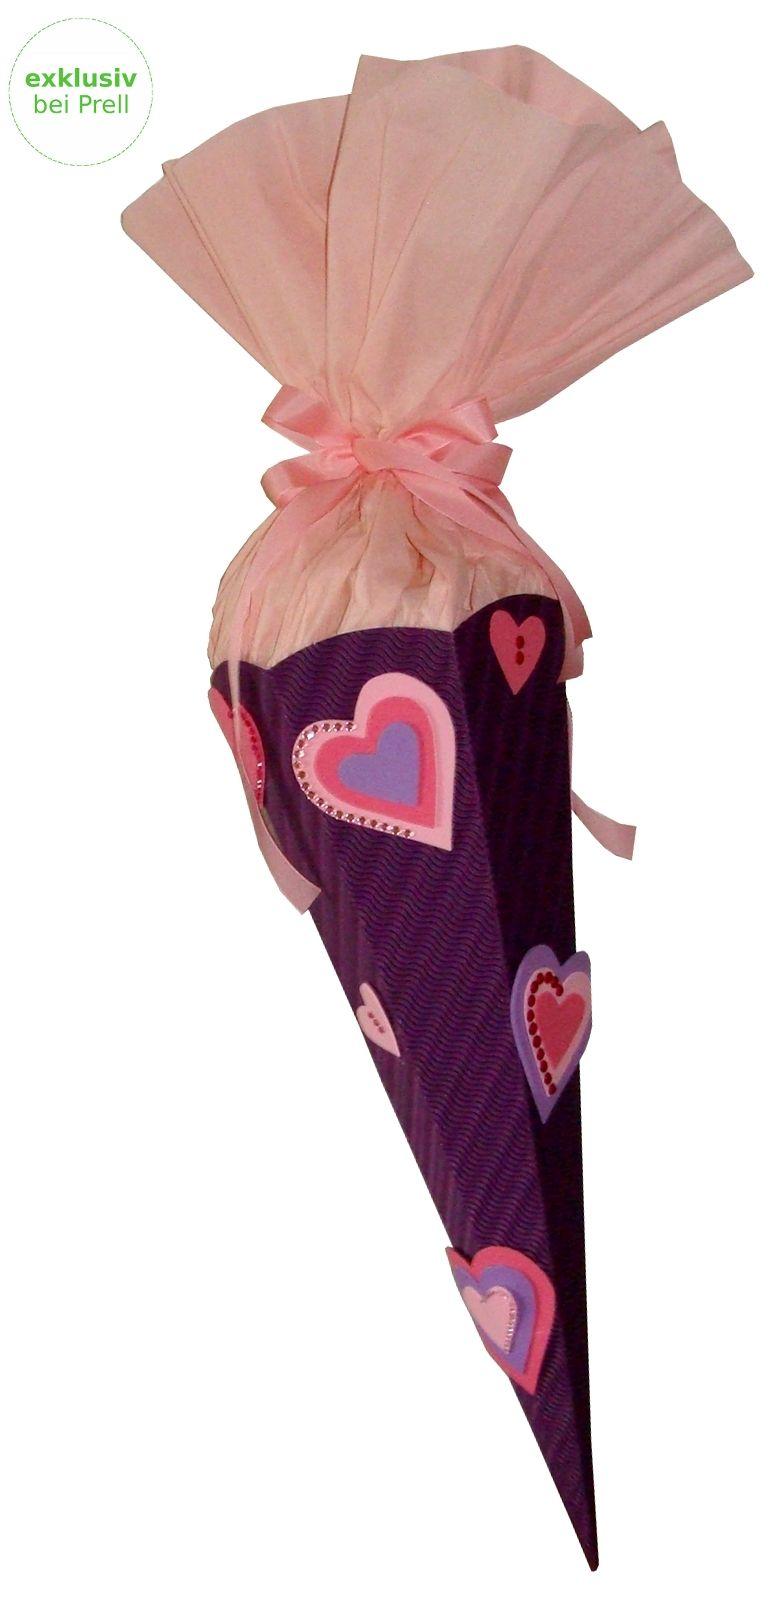 Mädchen Schultüte Herz lila-rosa inkl. Schulstarterpaket finden Sie unter http://www.prell-versand.de/Basteltechniken/Bastelmaterial/Schultueten/Schultueten-nur-bei-Prell/Schultuete-Bastelset-Herz-inkl--Schulstarterpaket-GRATIS.html